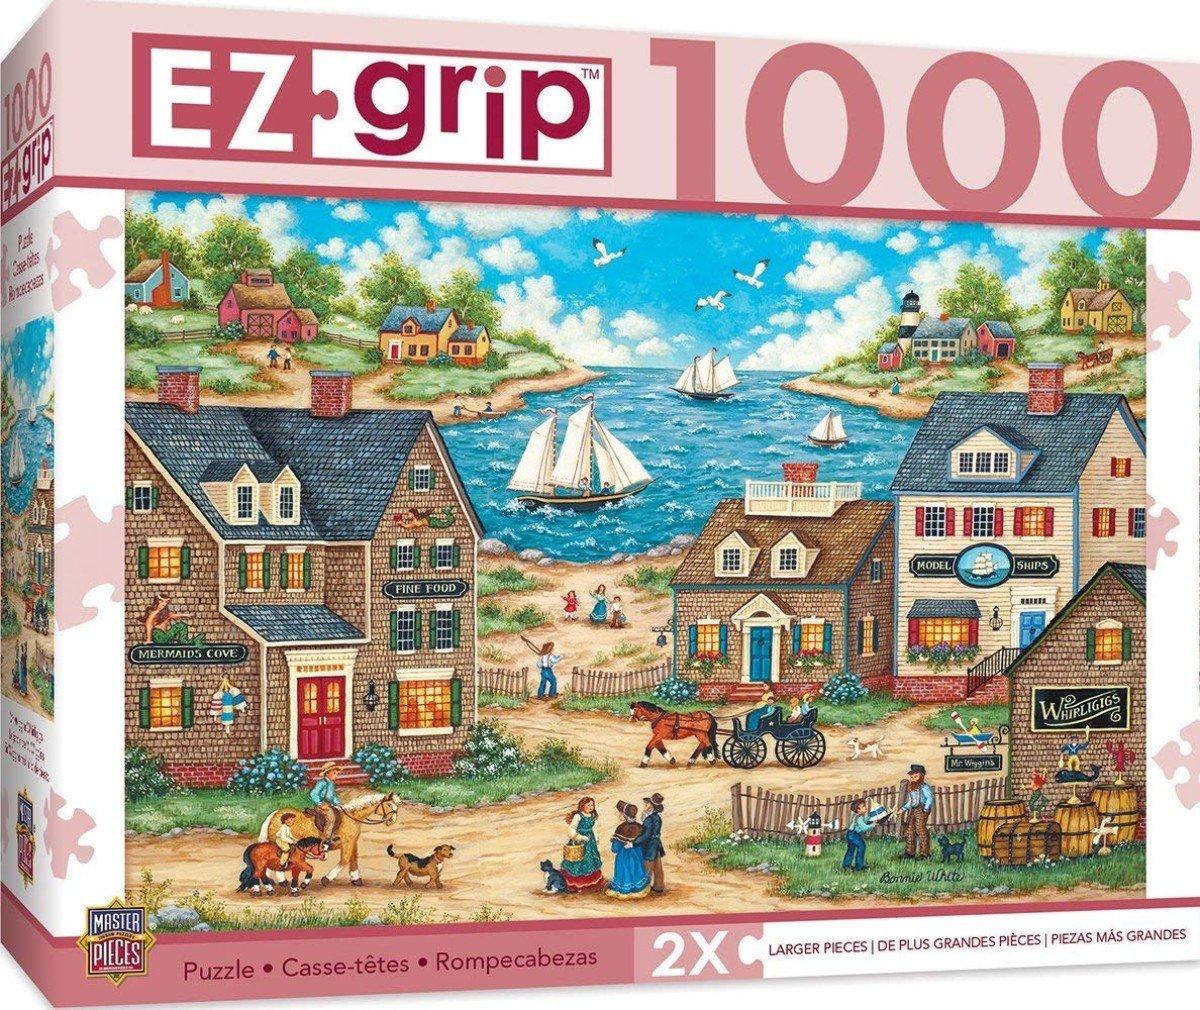 Amazon.com: MasterPieces EZ Grip Mr. Wiggins Whirligigs Large EZ Grip Jigsaw Puzzle by Bonnie White, 1000-Piece: Toys & Games